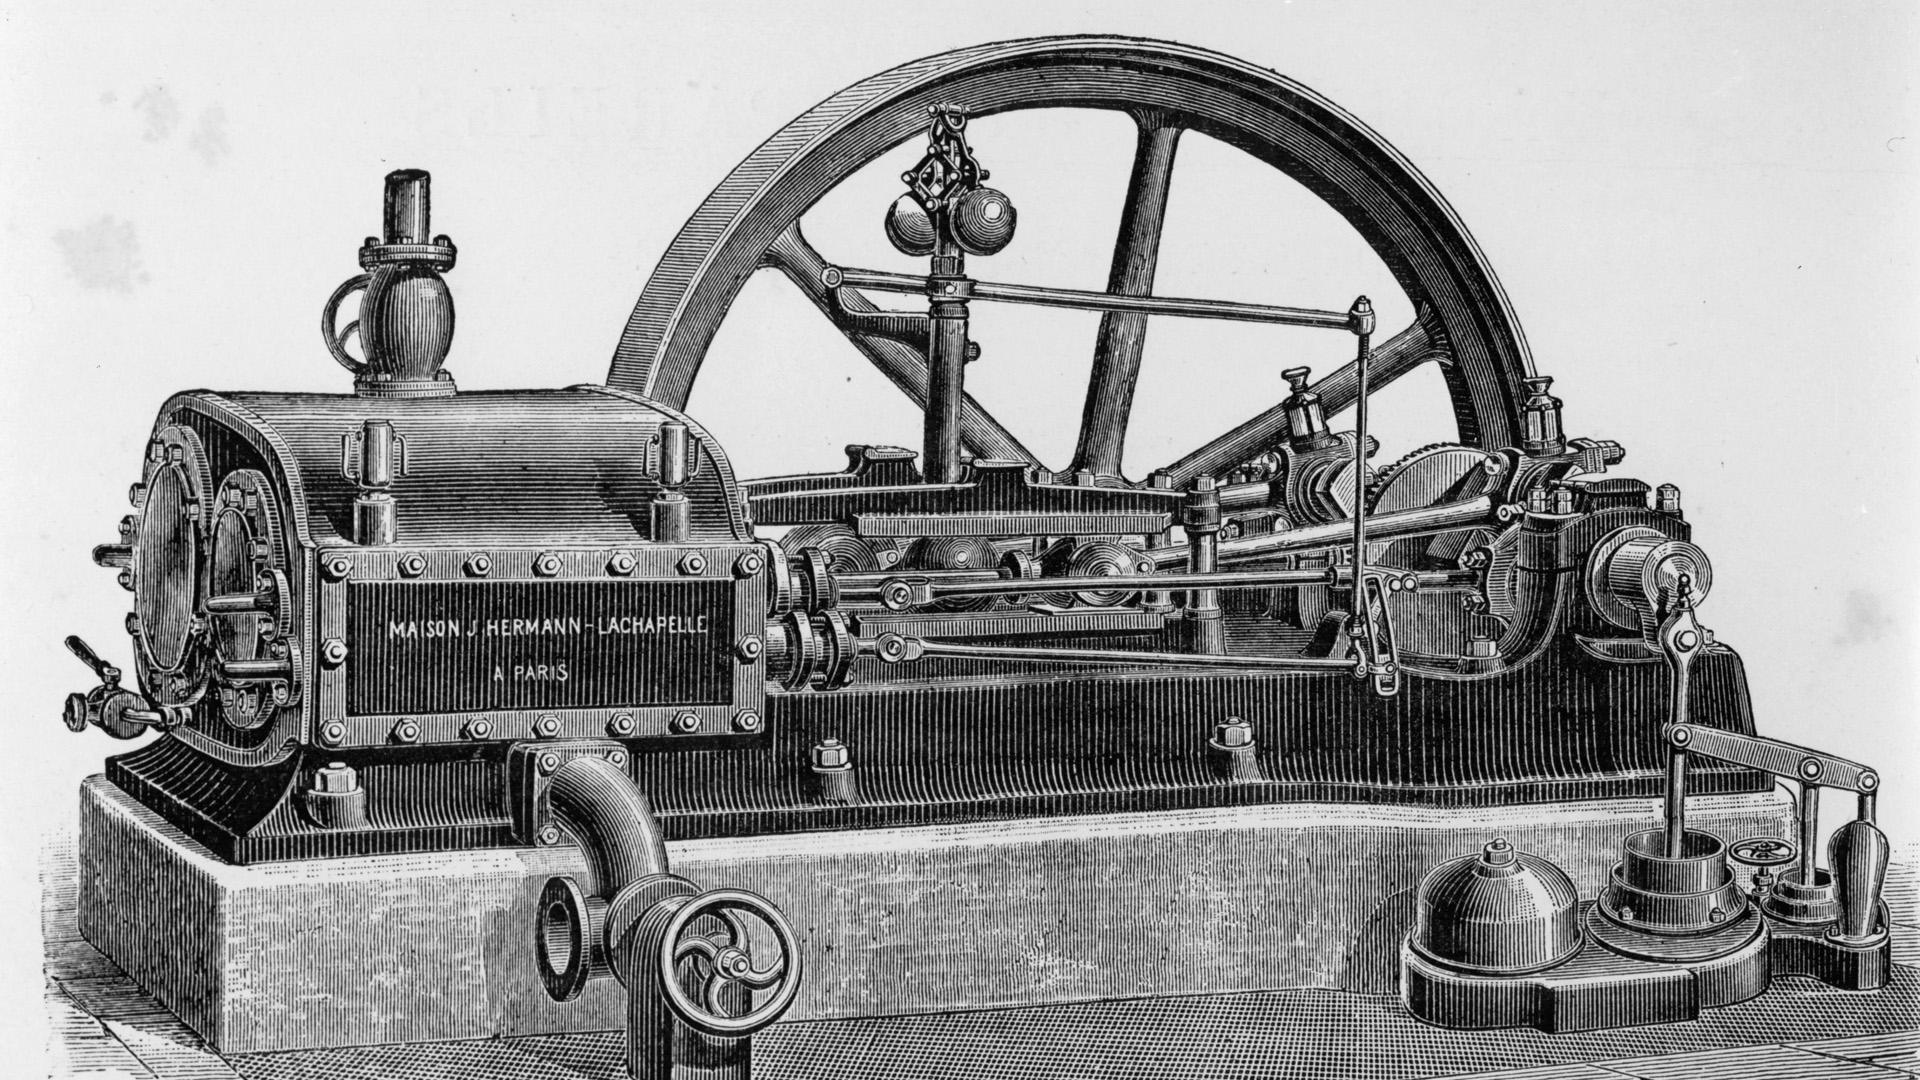 Dampfmaschine / Holzstich 1889 - Steam Engine / Woodcut / 1889 - Machine a vapeur / Gravure sur bois 1889